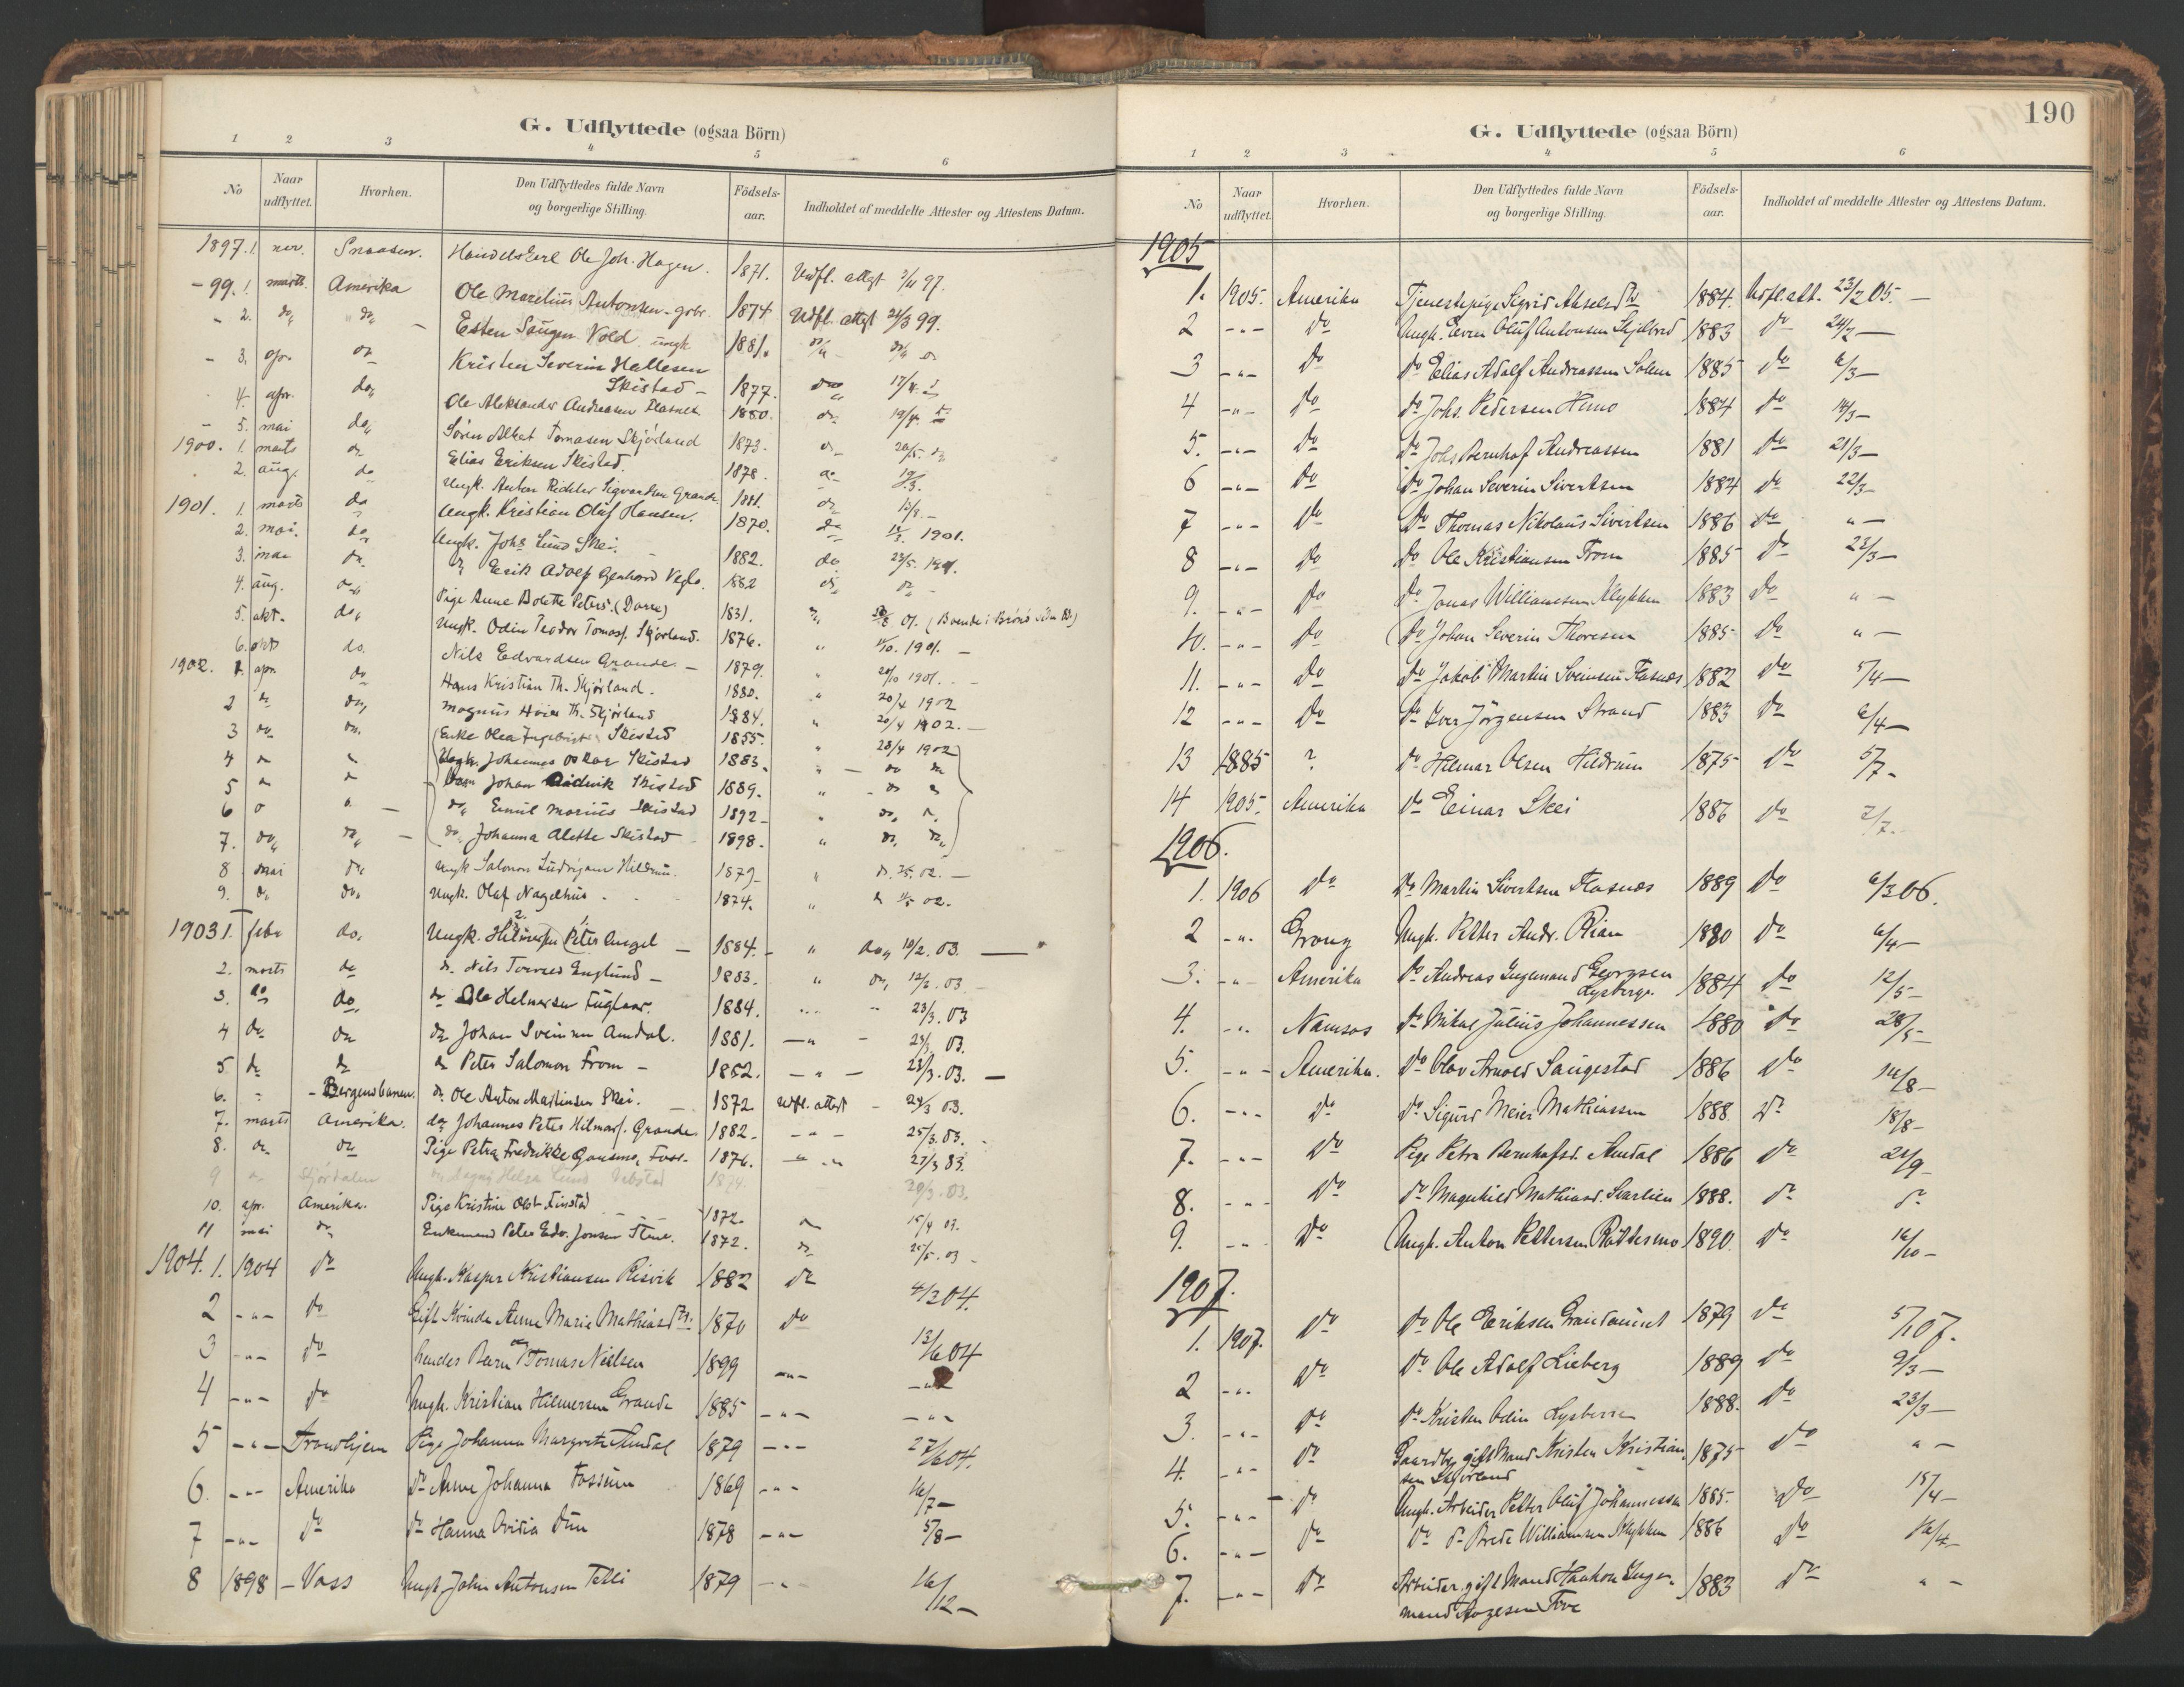 SAT, Ministerialprotokoller, klokkerbøker og fødselsregistre - Nord-Trøndelag, 764/L0556: Ministerialbok nr. 764A11, 1897-1924, s. 190